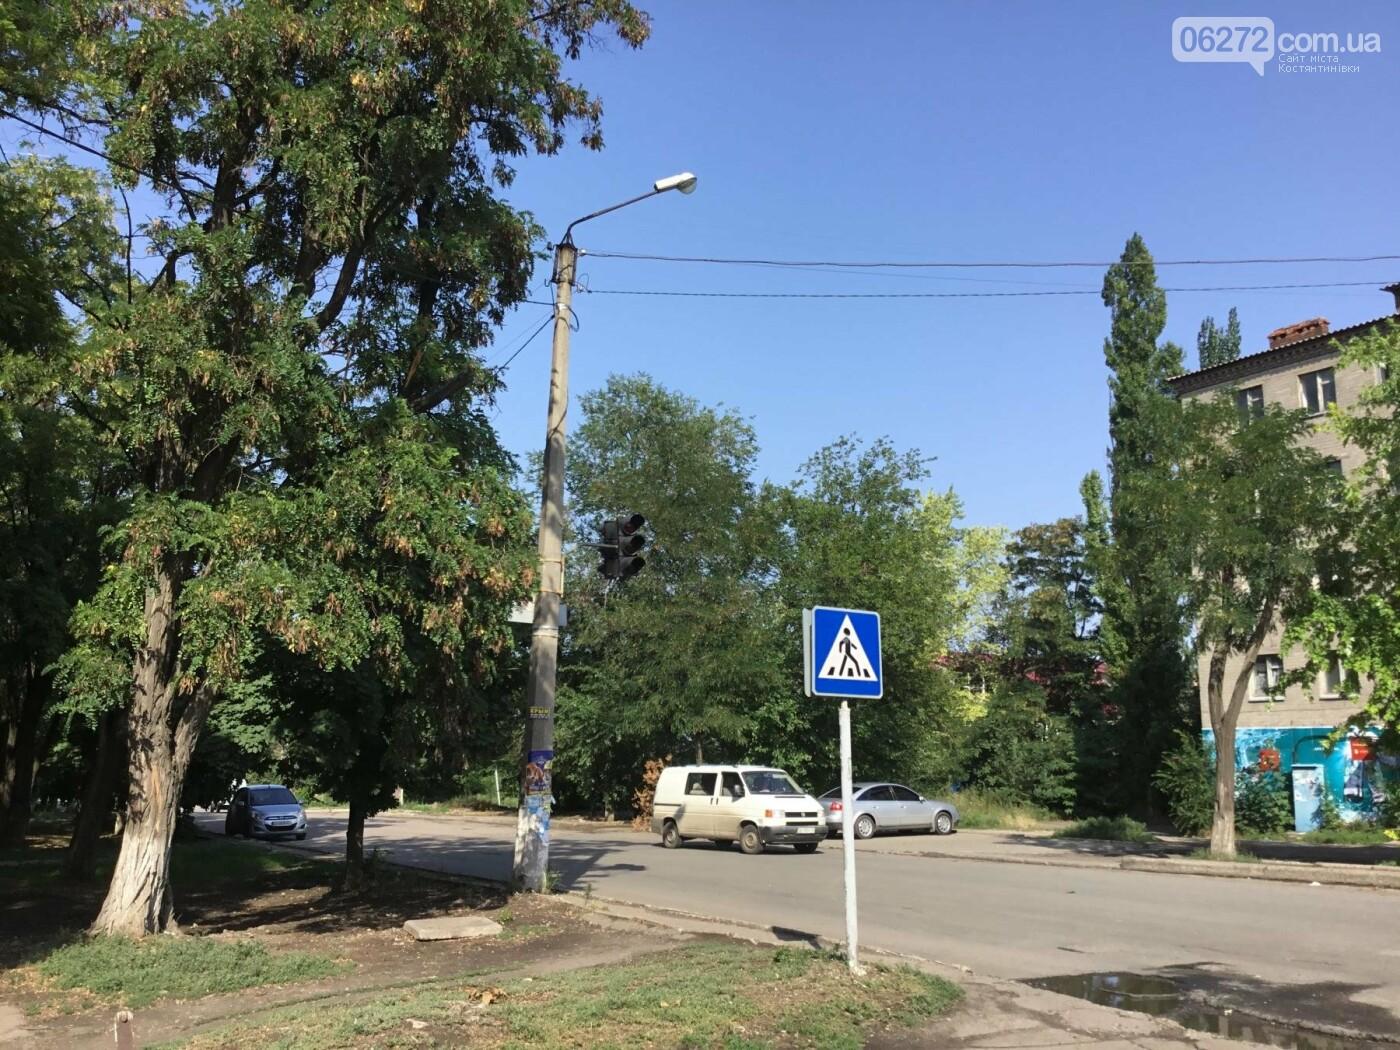 В Константиновке не работают светофоры по проспекту Ломоносова, фото-4